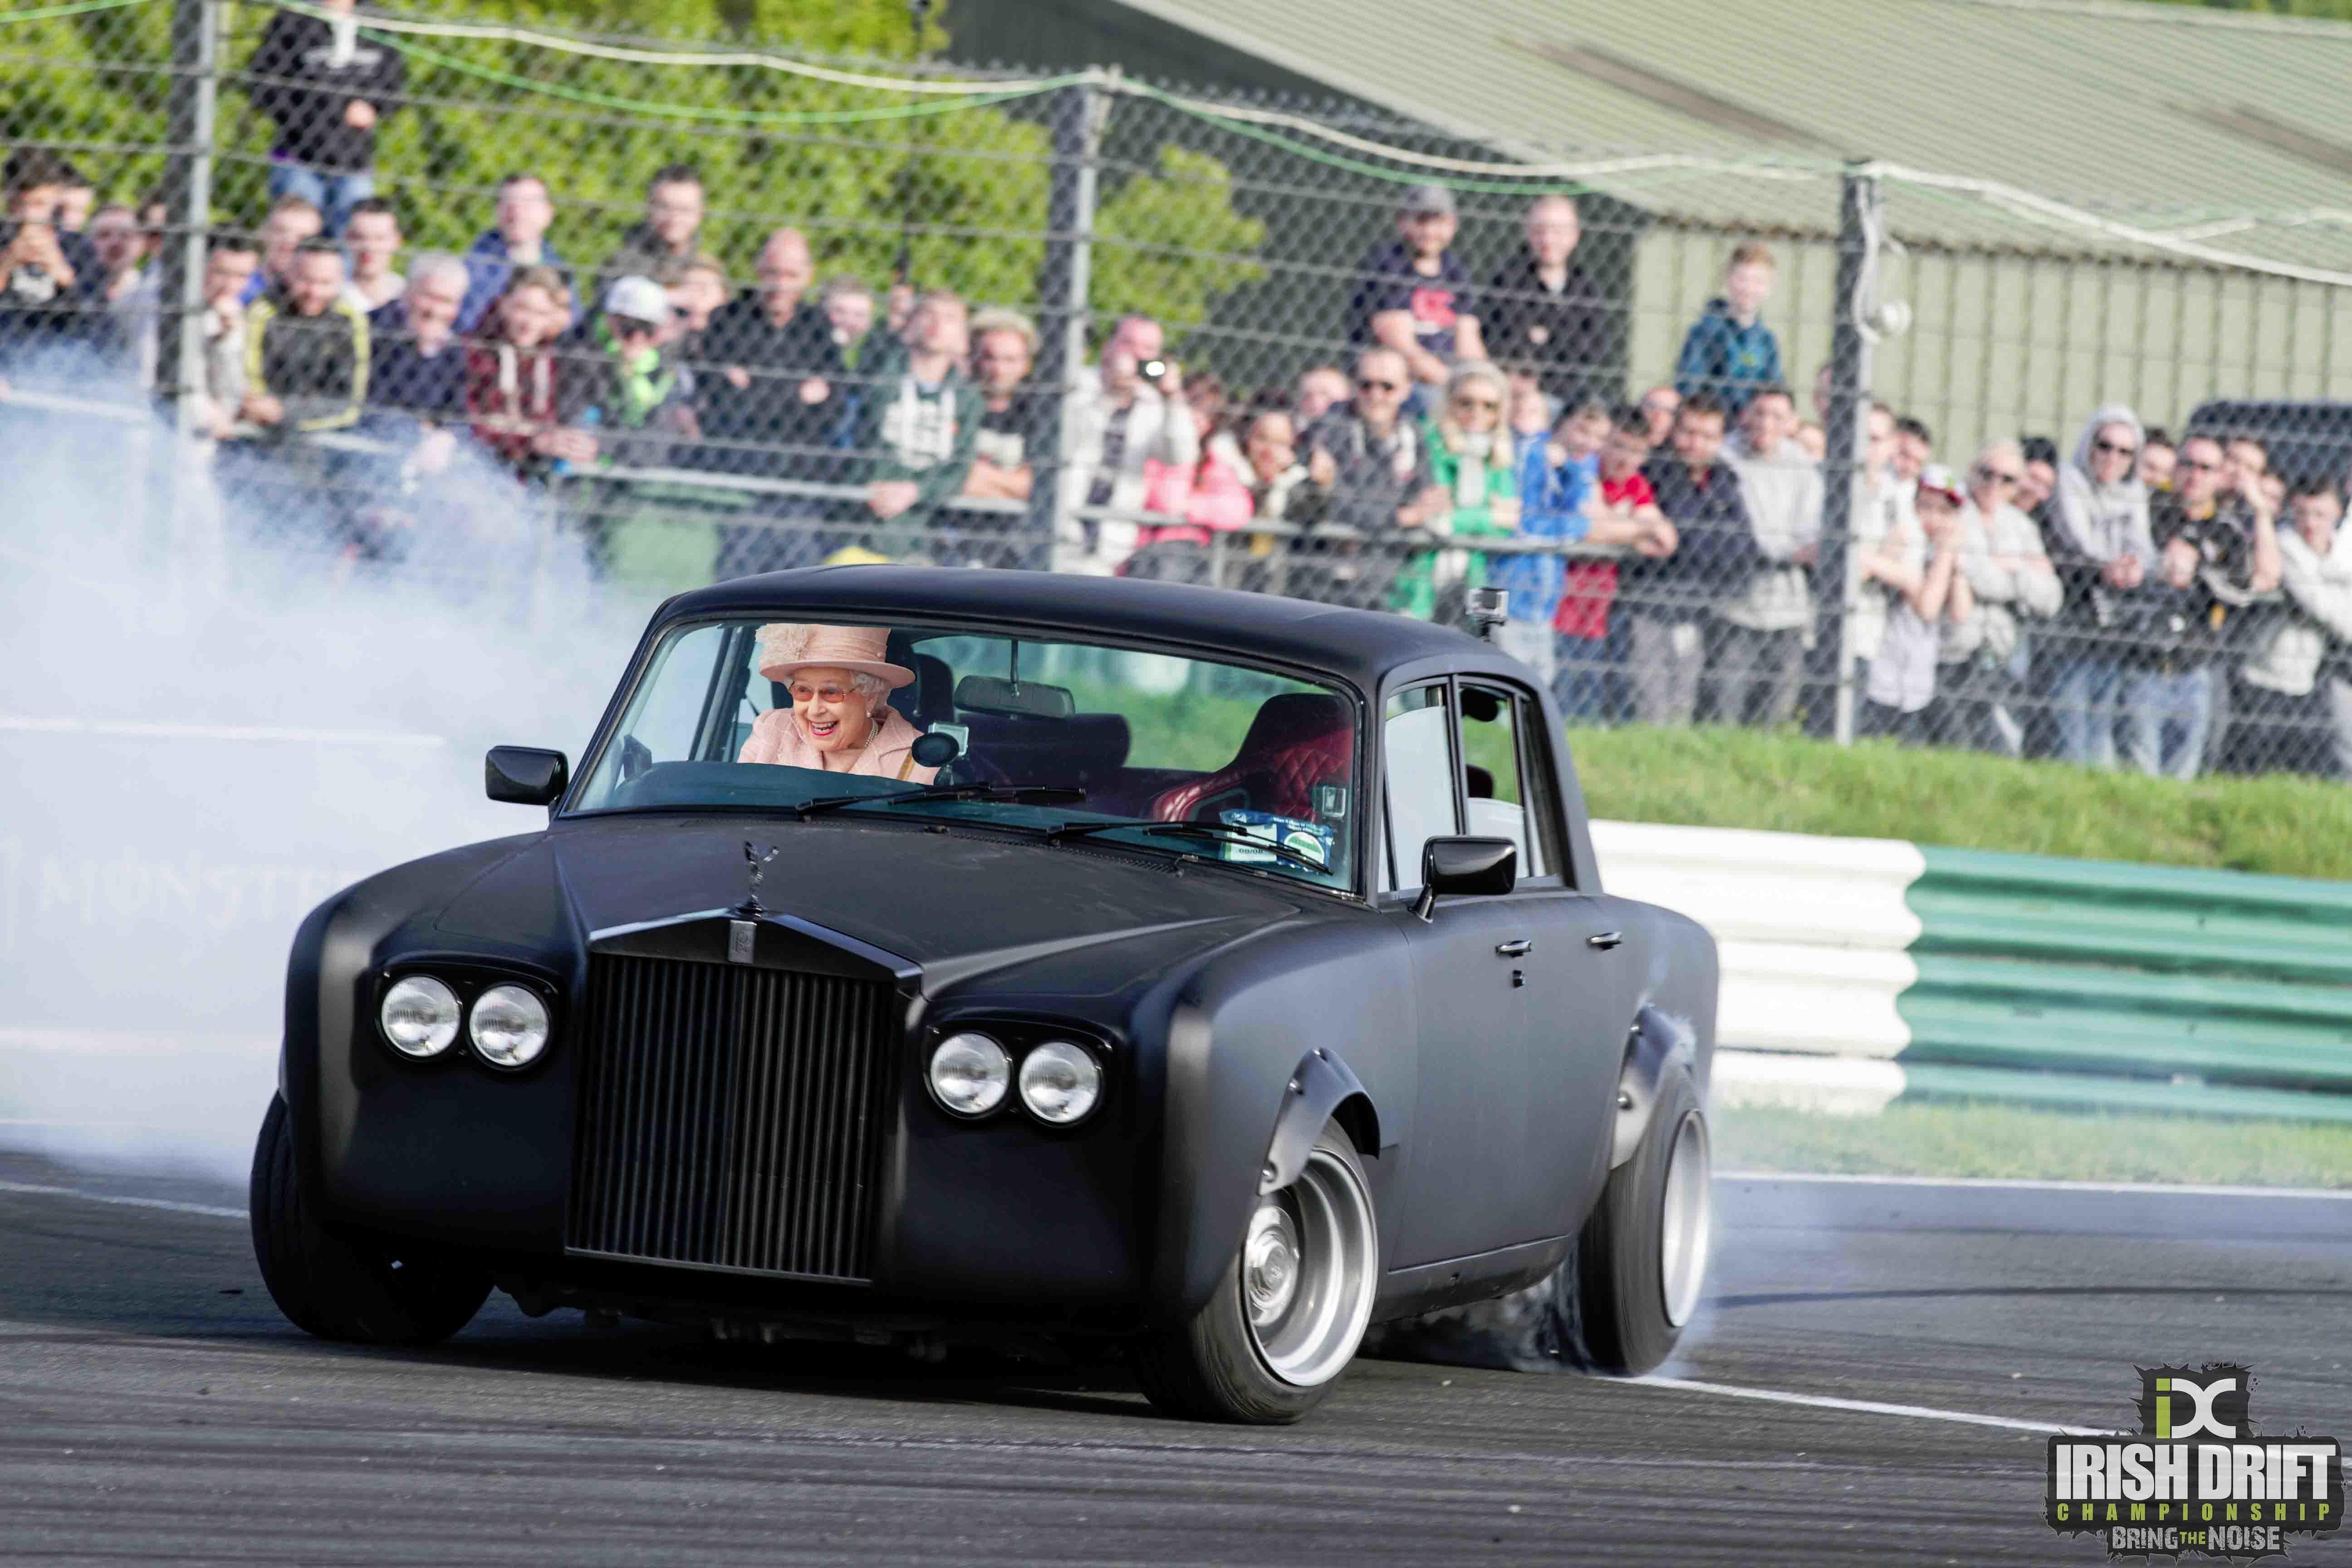 Cars For Sale Uk Drift: Insane Rolls-Royce Drift Car By Japspeed UK